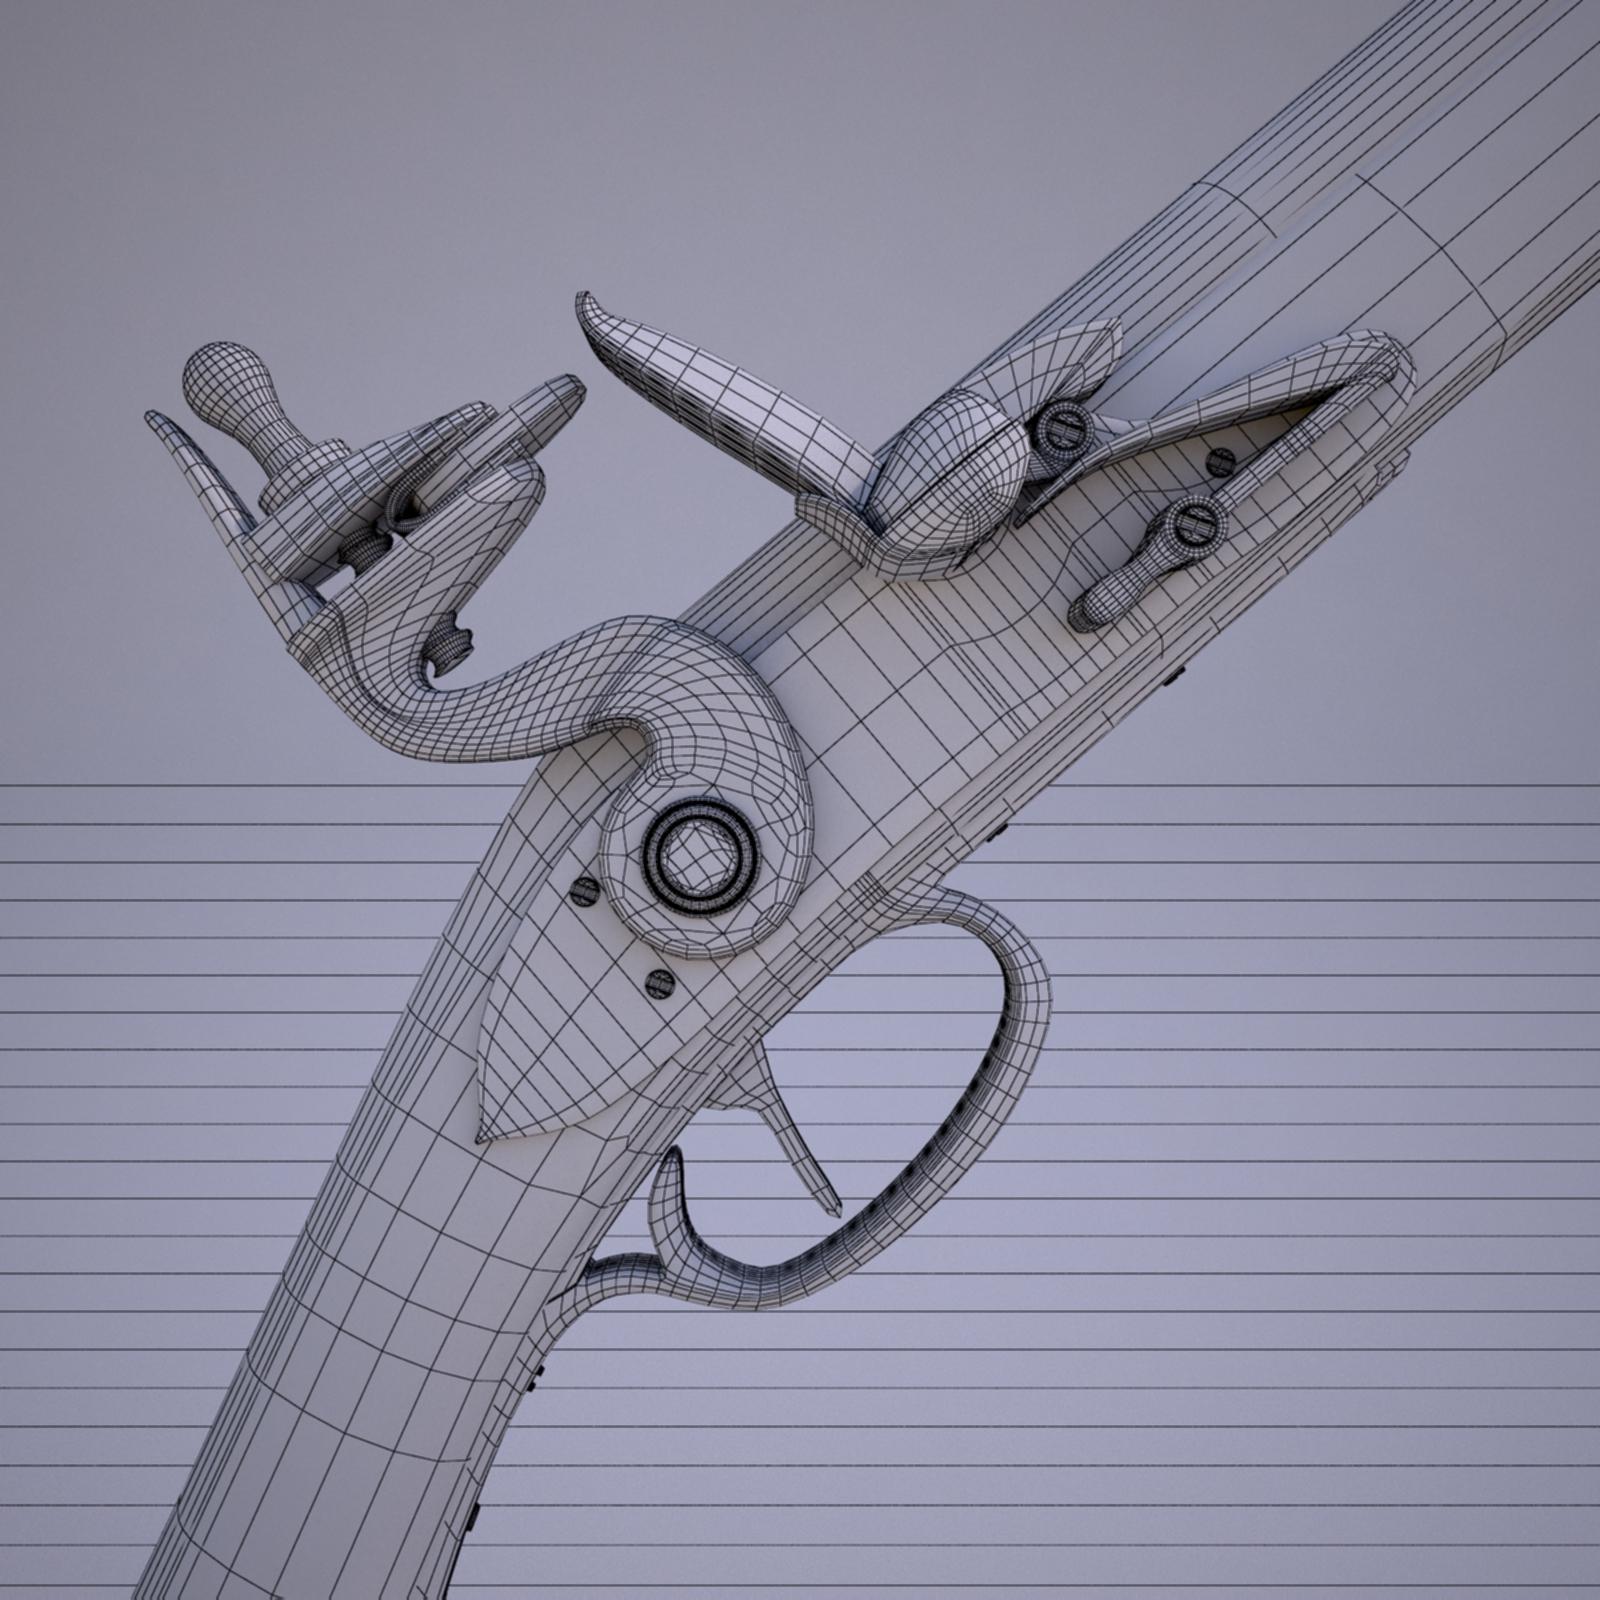 Flintlock Musket By Nicu Tepes 3docean